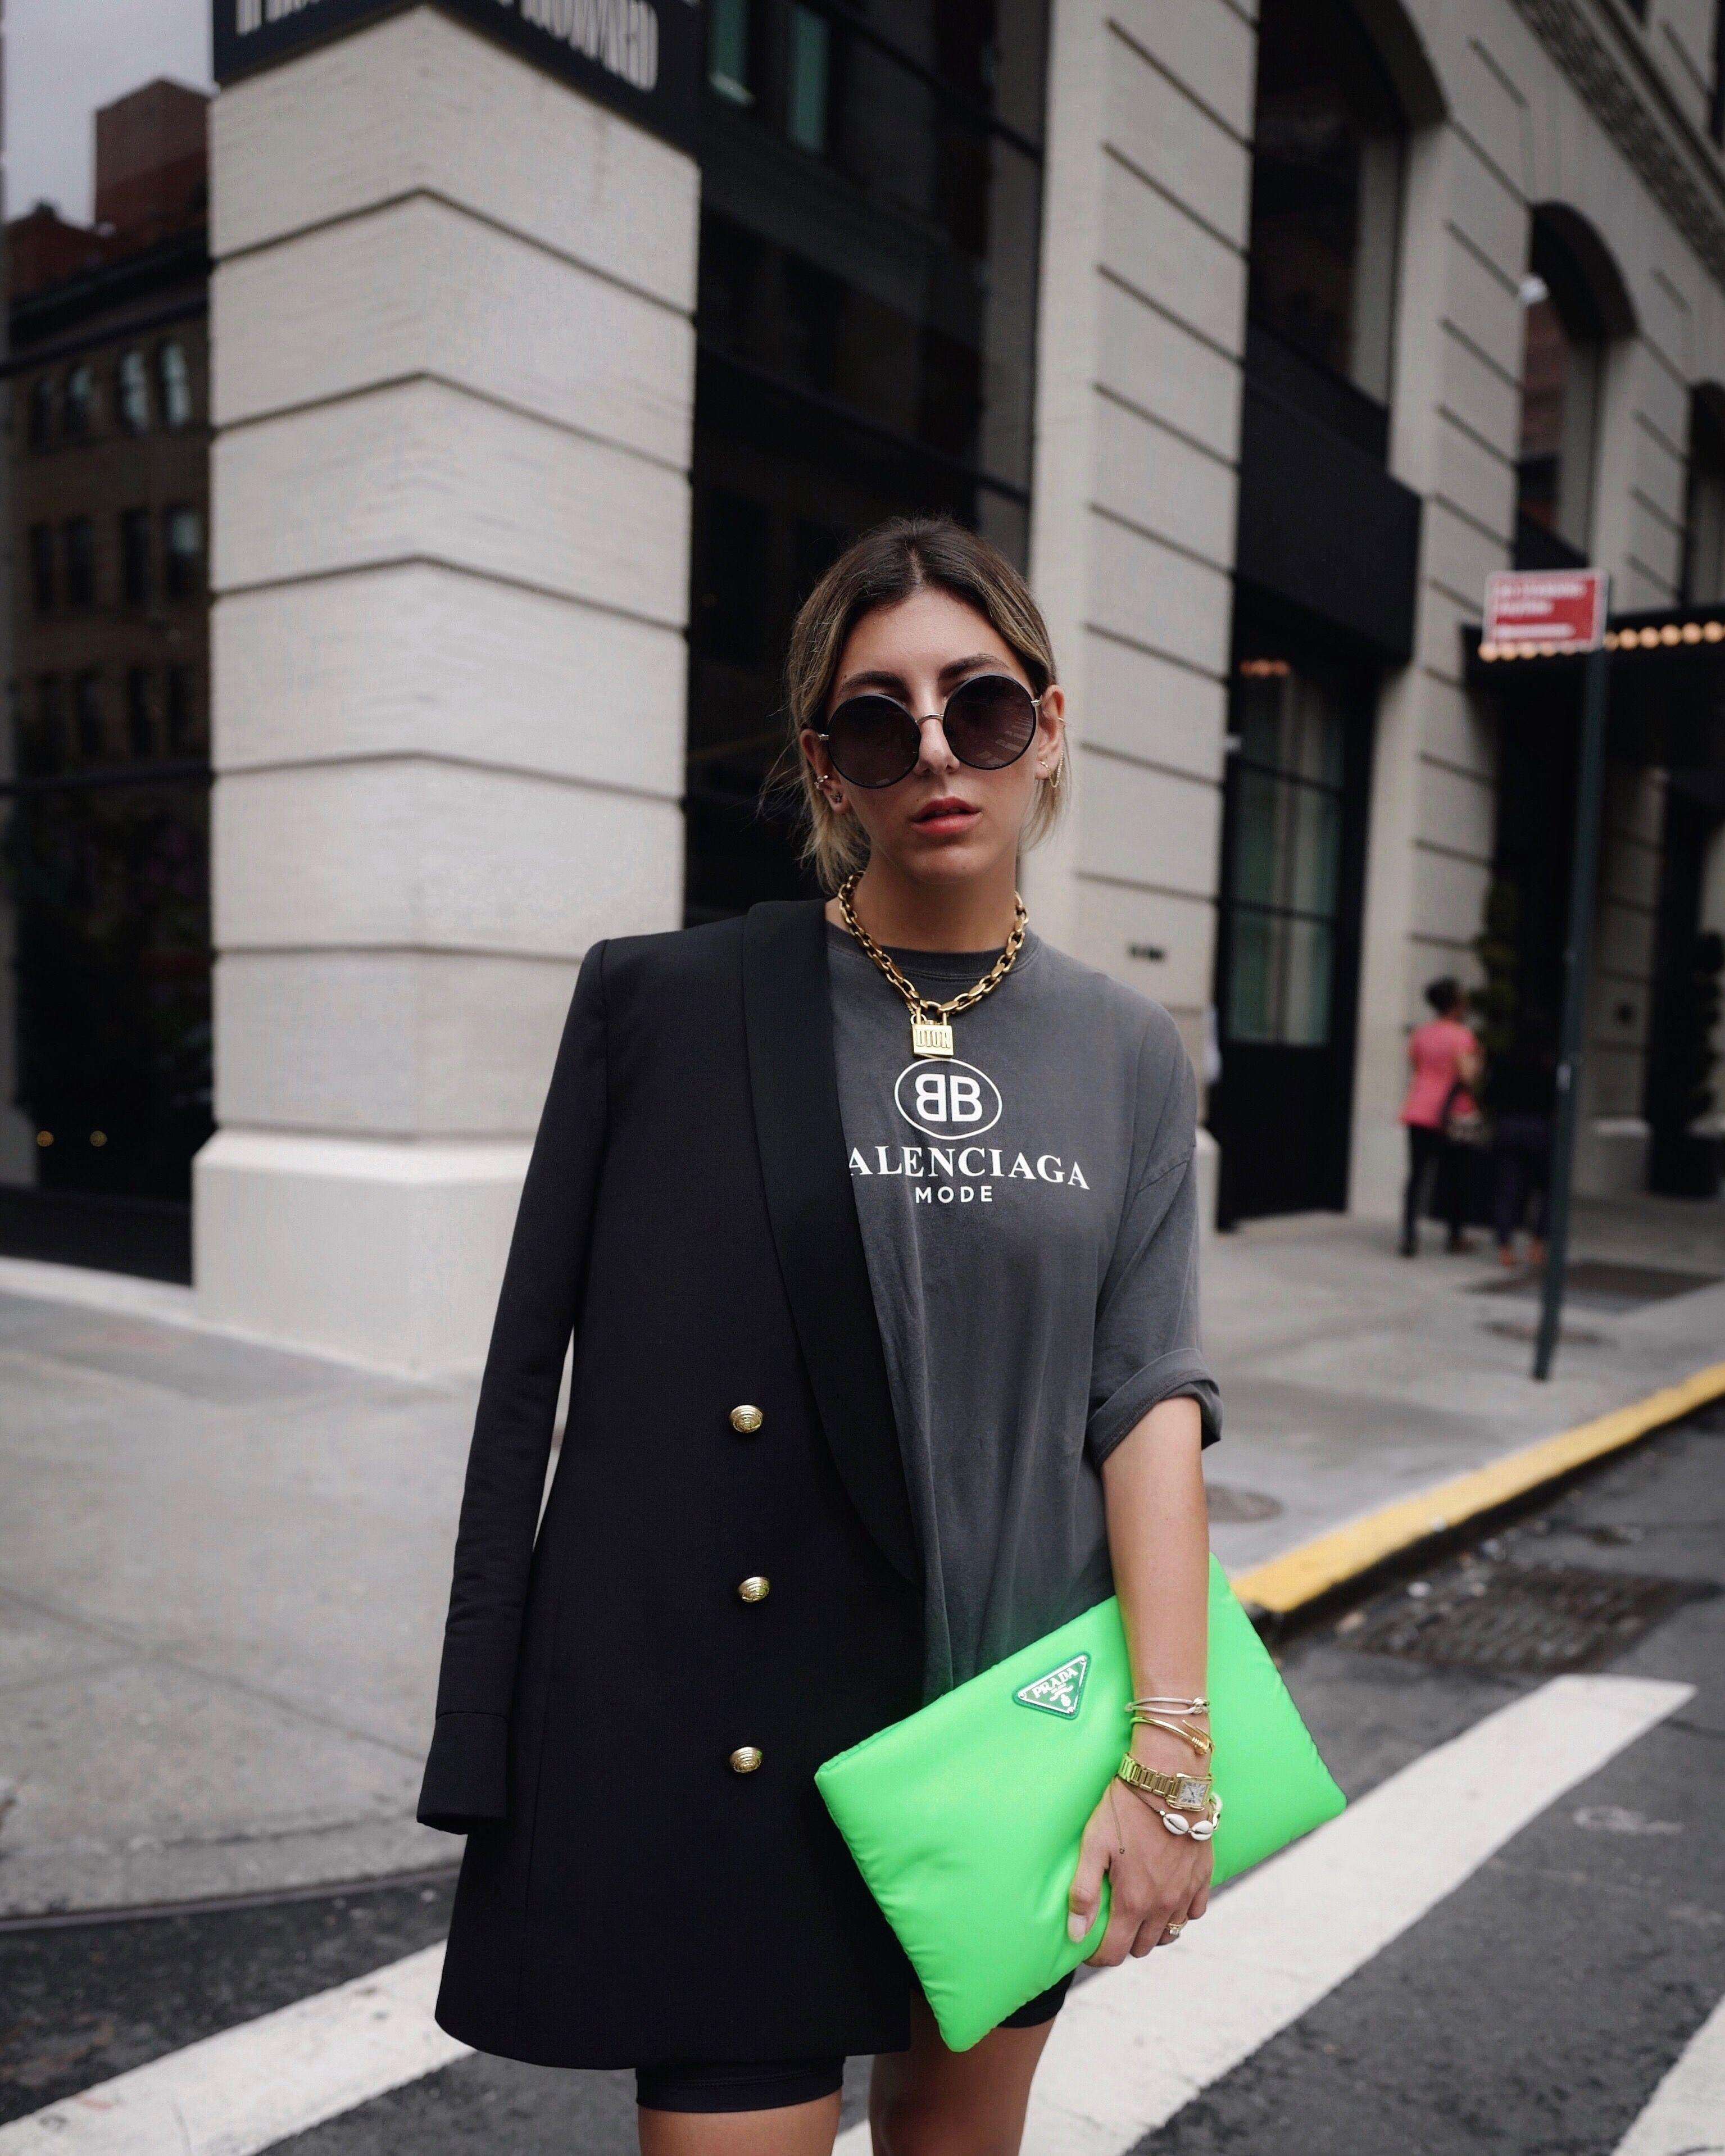 952fbd12aef9 Street style NYFW Prada neon clutch | s t y l e in 2019 | Fashion ...